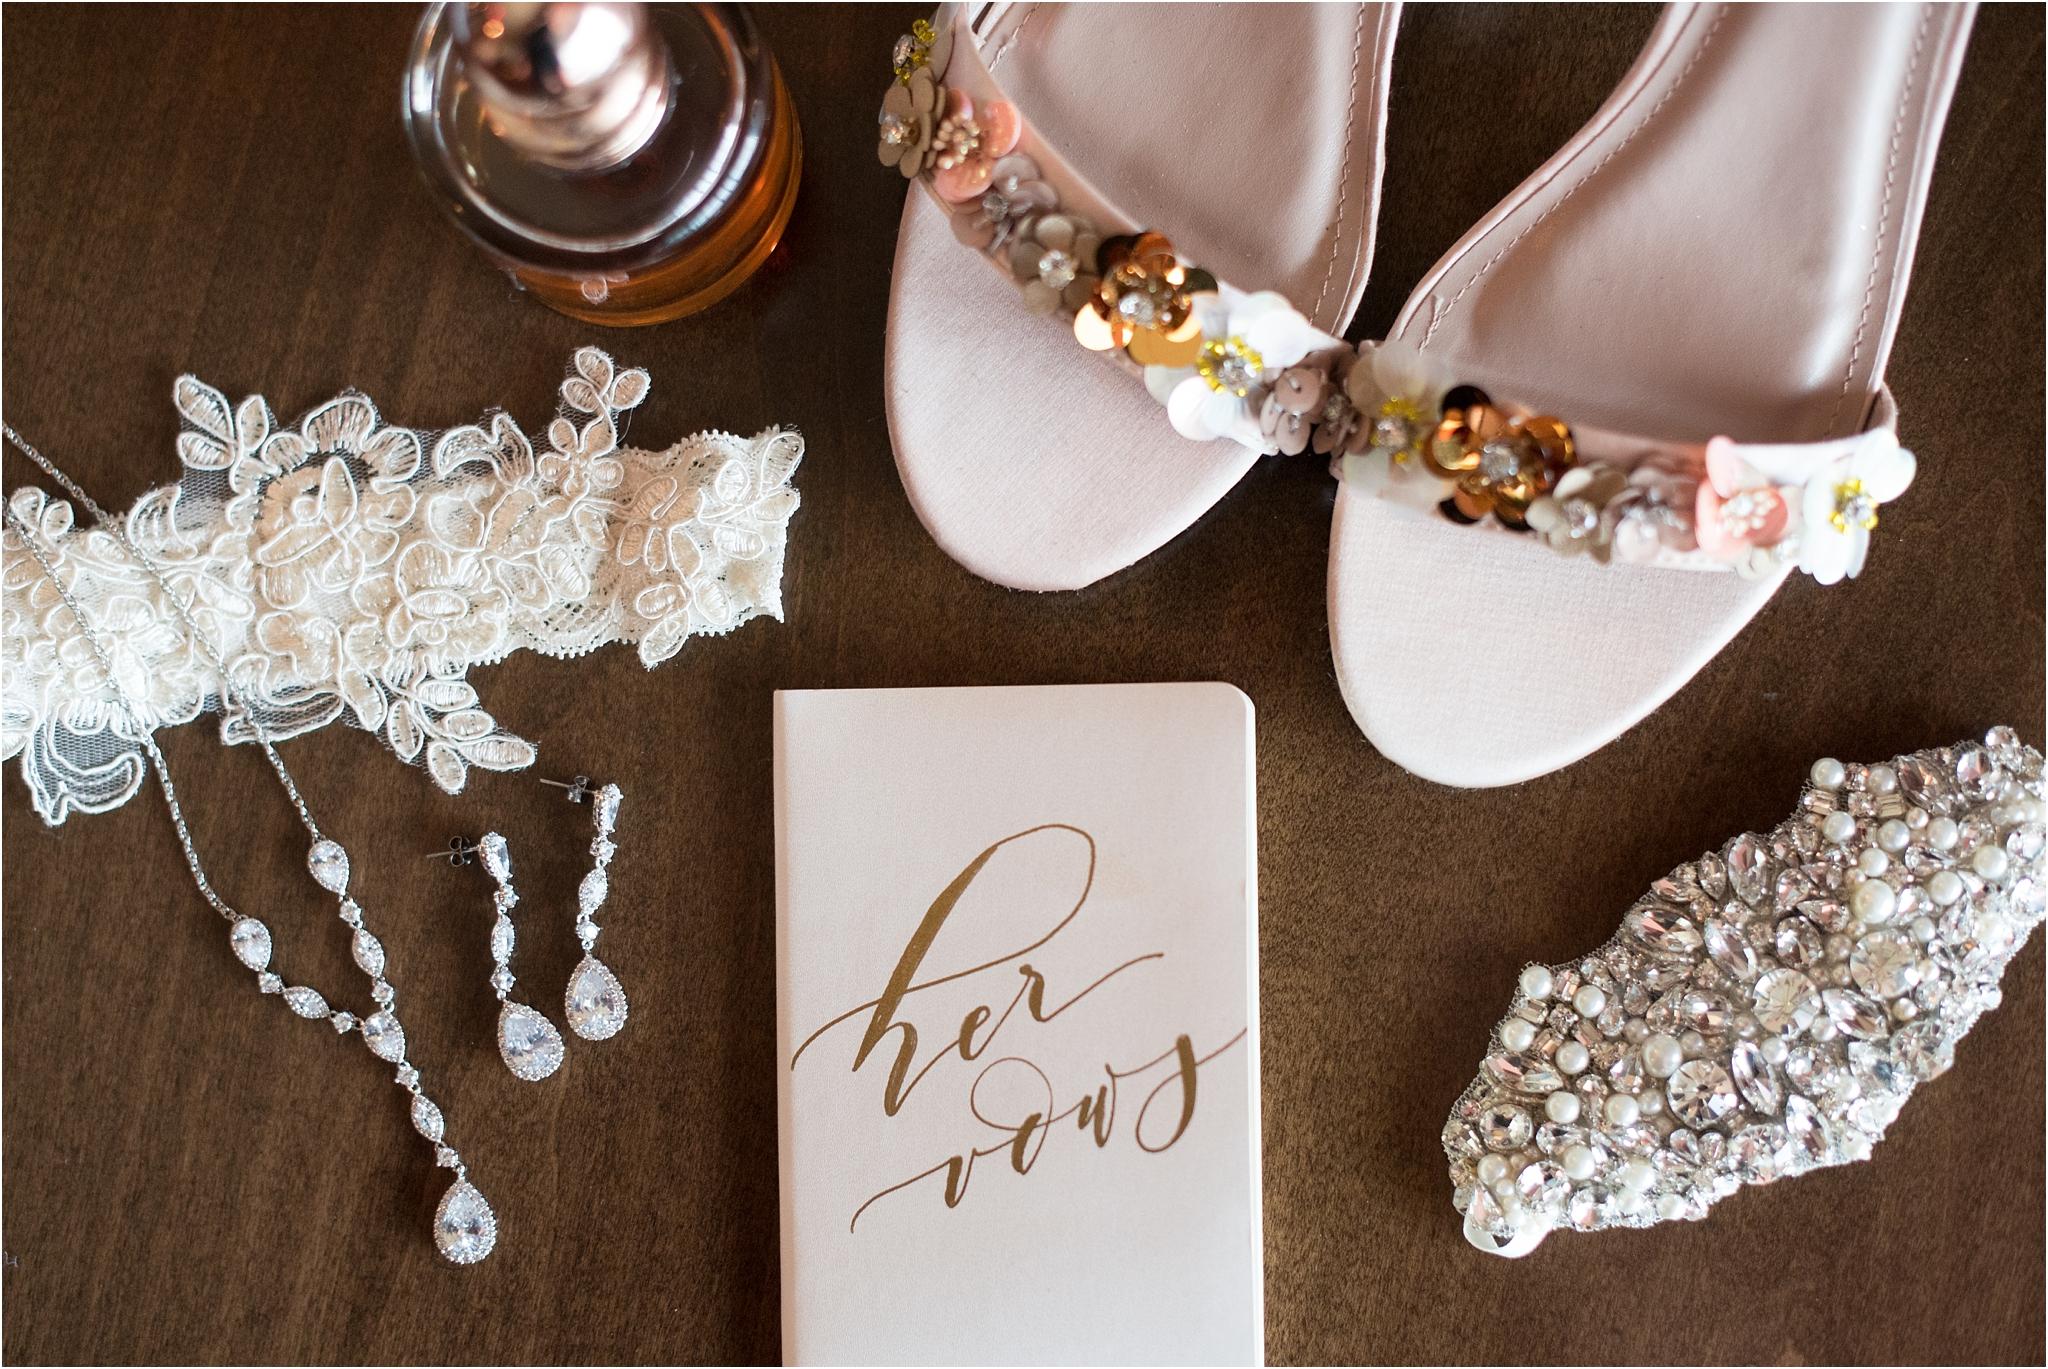 kayla kitts photography - albuquerque wedding photographer - isleta wedding - new mexico wedding photographer_0003.jpg